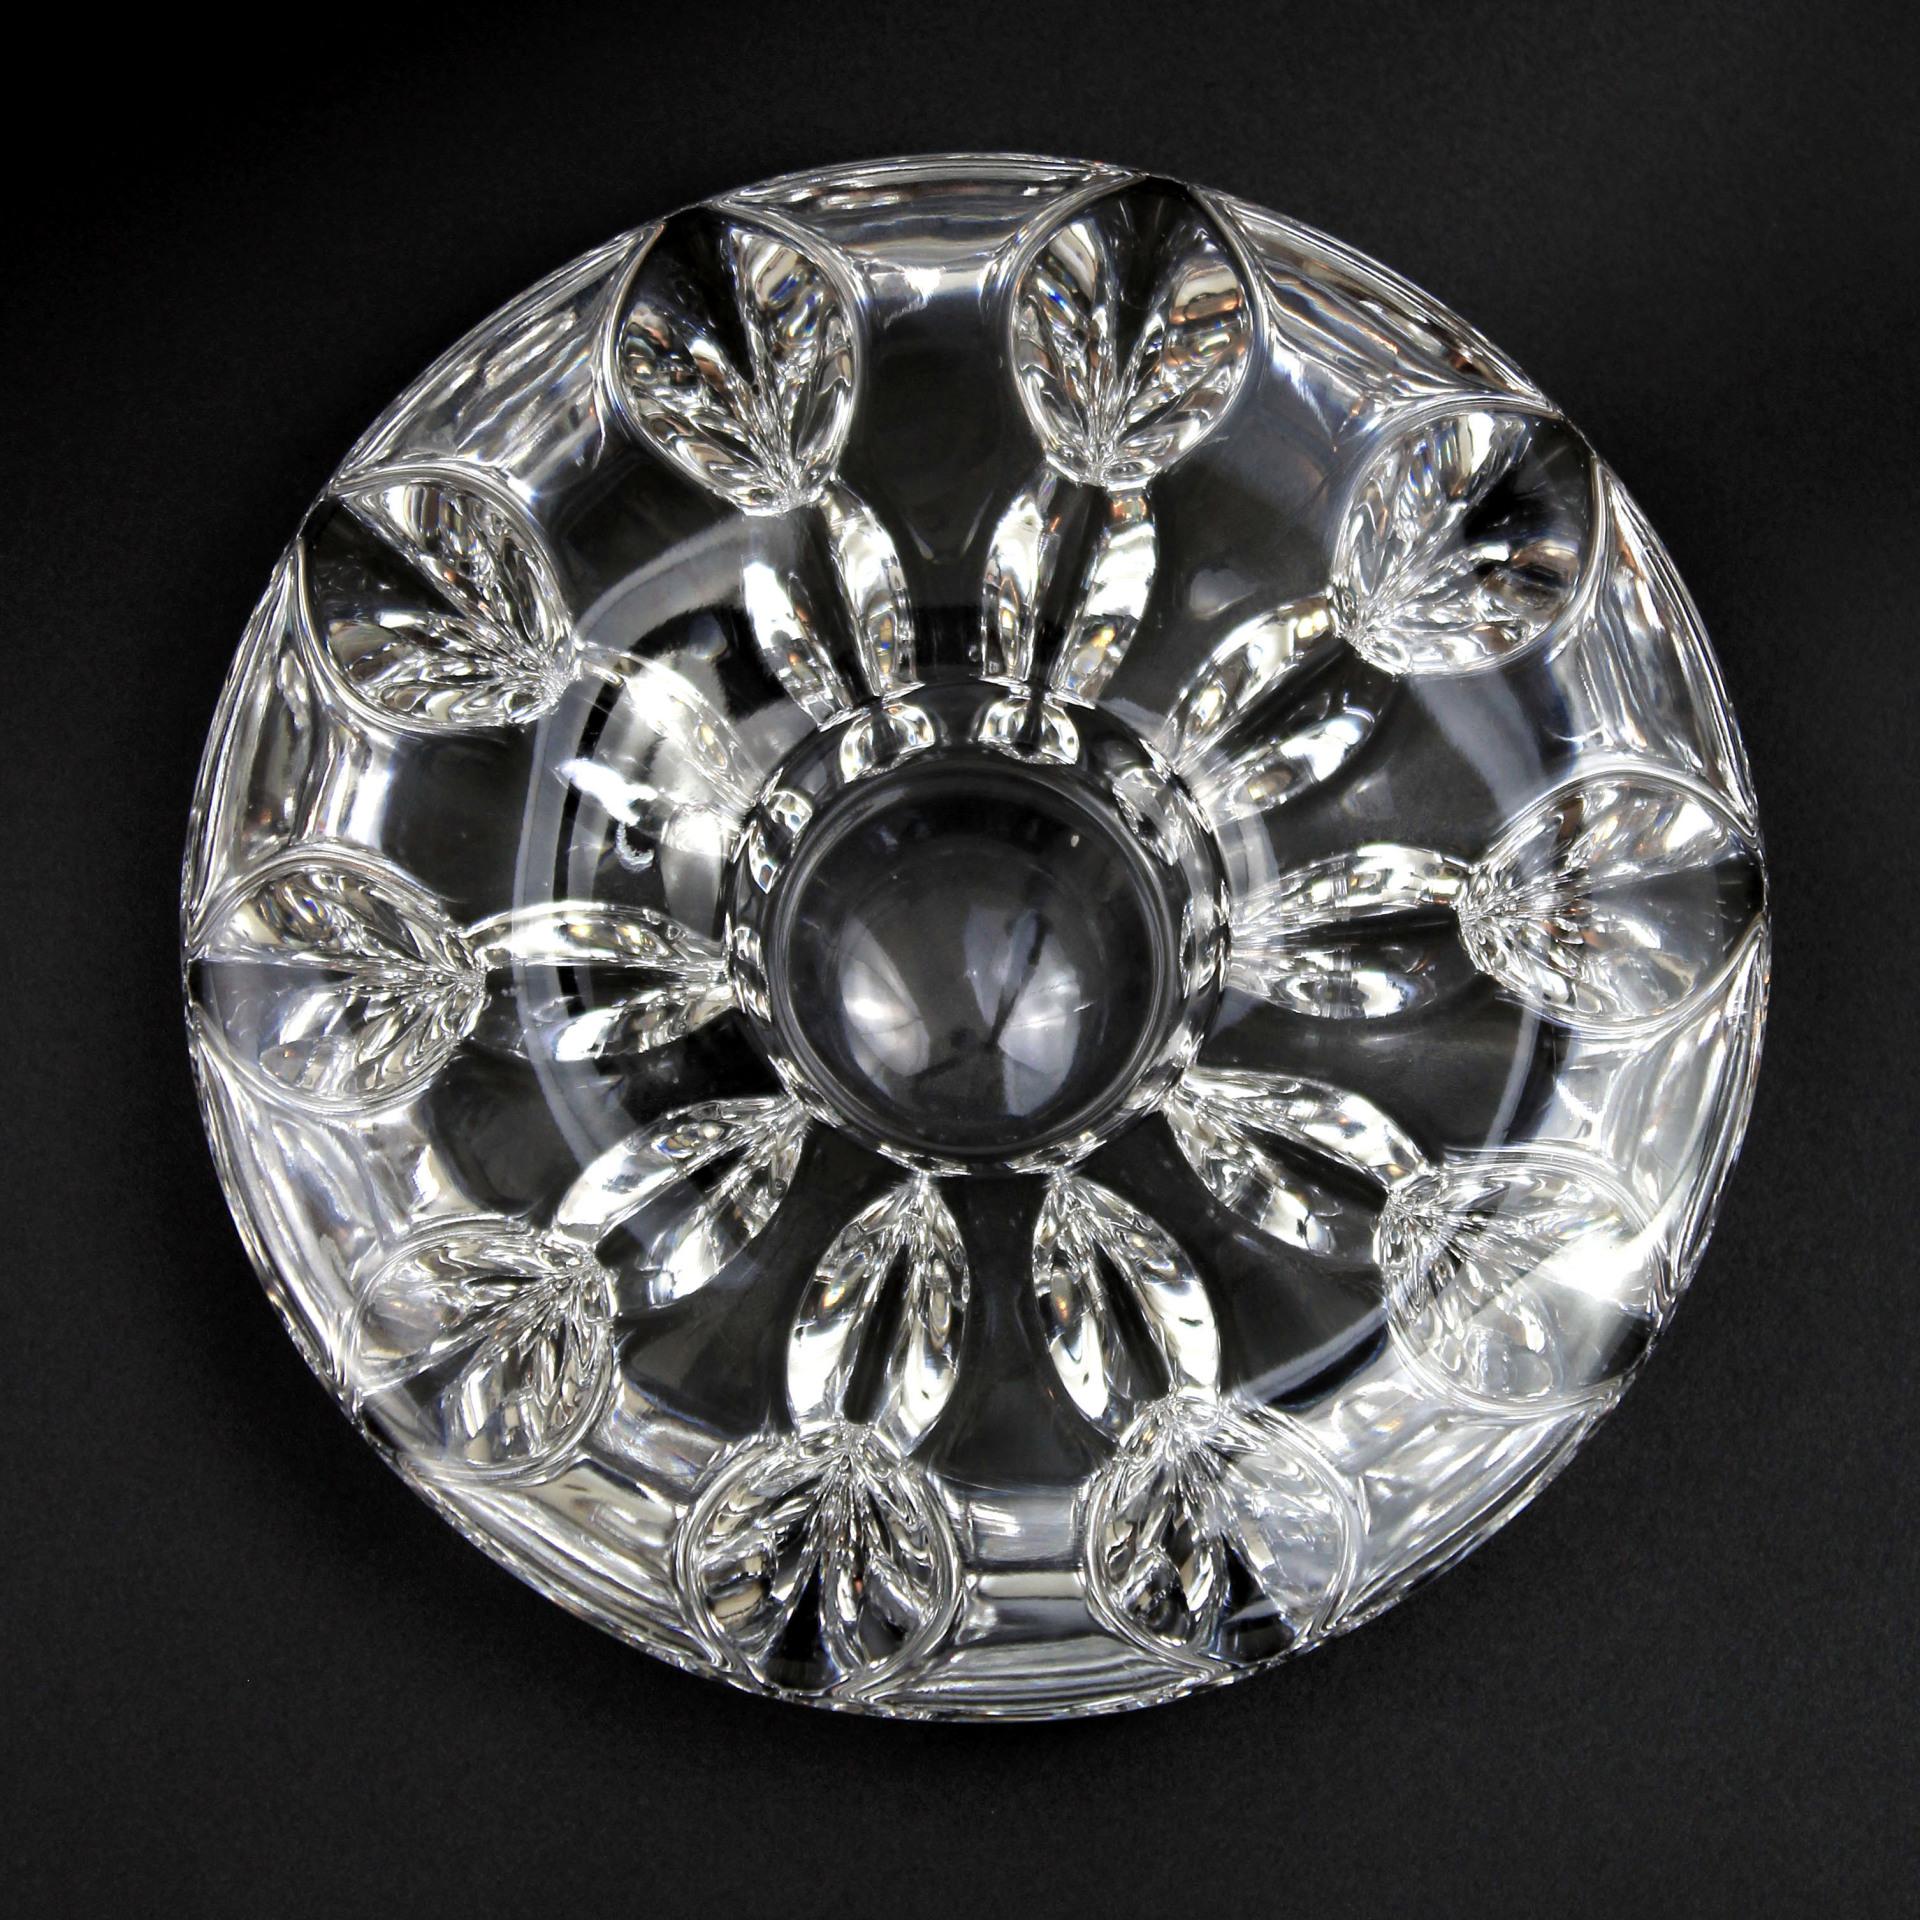 Vintage Miller Rogaska Crystal Glass Snowflake Tealight Candle Holder